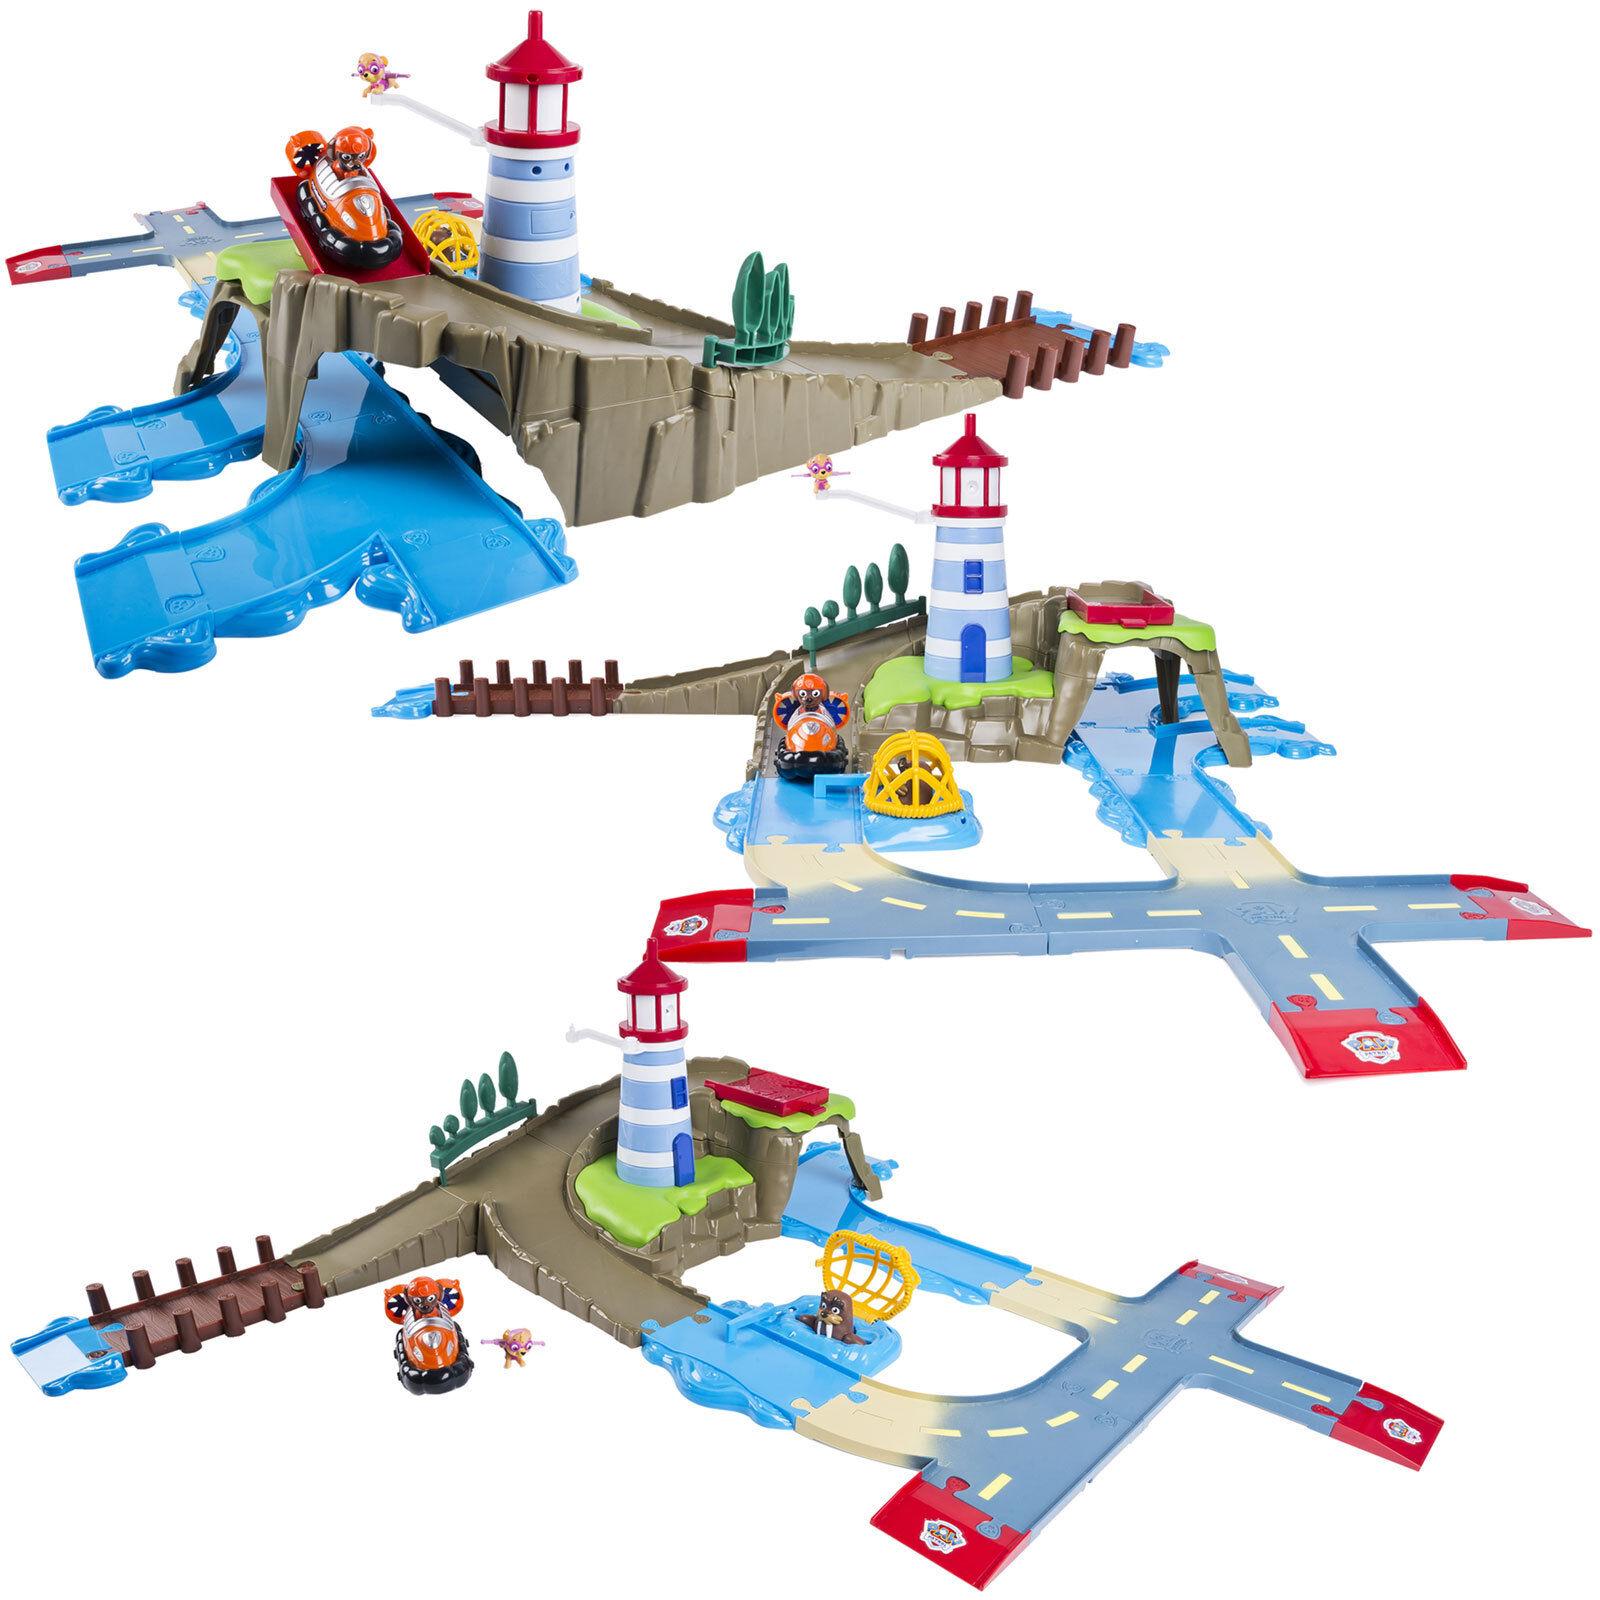 PAW PATROL Zumas Lighthouse - Leuchtturm Spielfigur Actionfigur Kinder Spielzeug